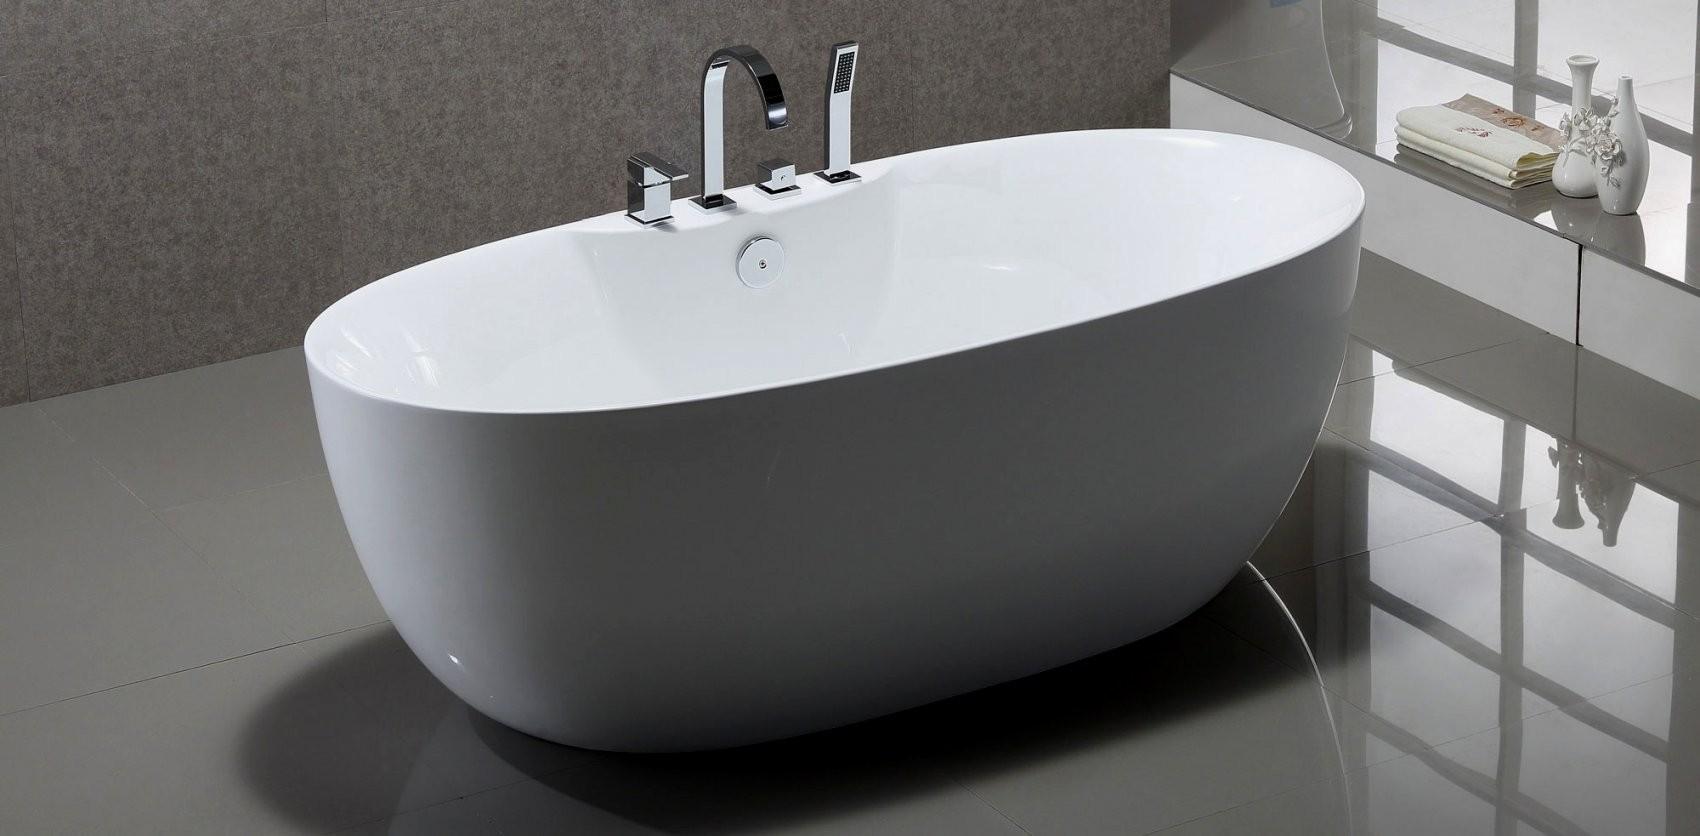 Groß Freistehende Badewanne Mit Armatur Gro C3 9F Waschbecken 88882 von Badewanne Armatur Freistehend Photo